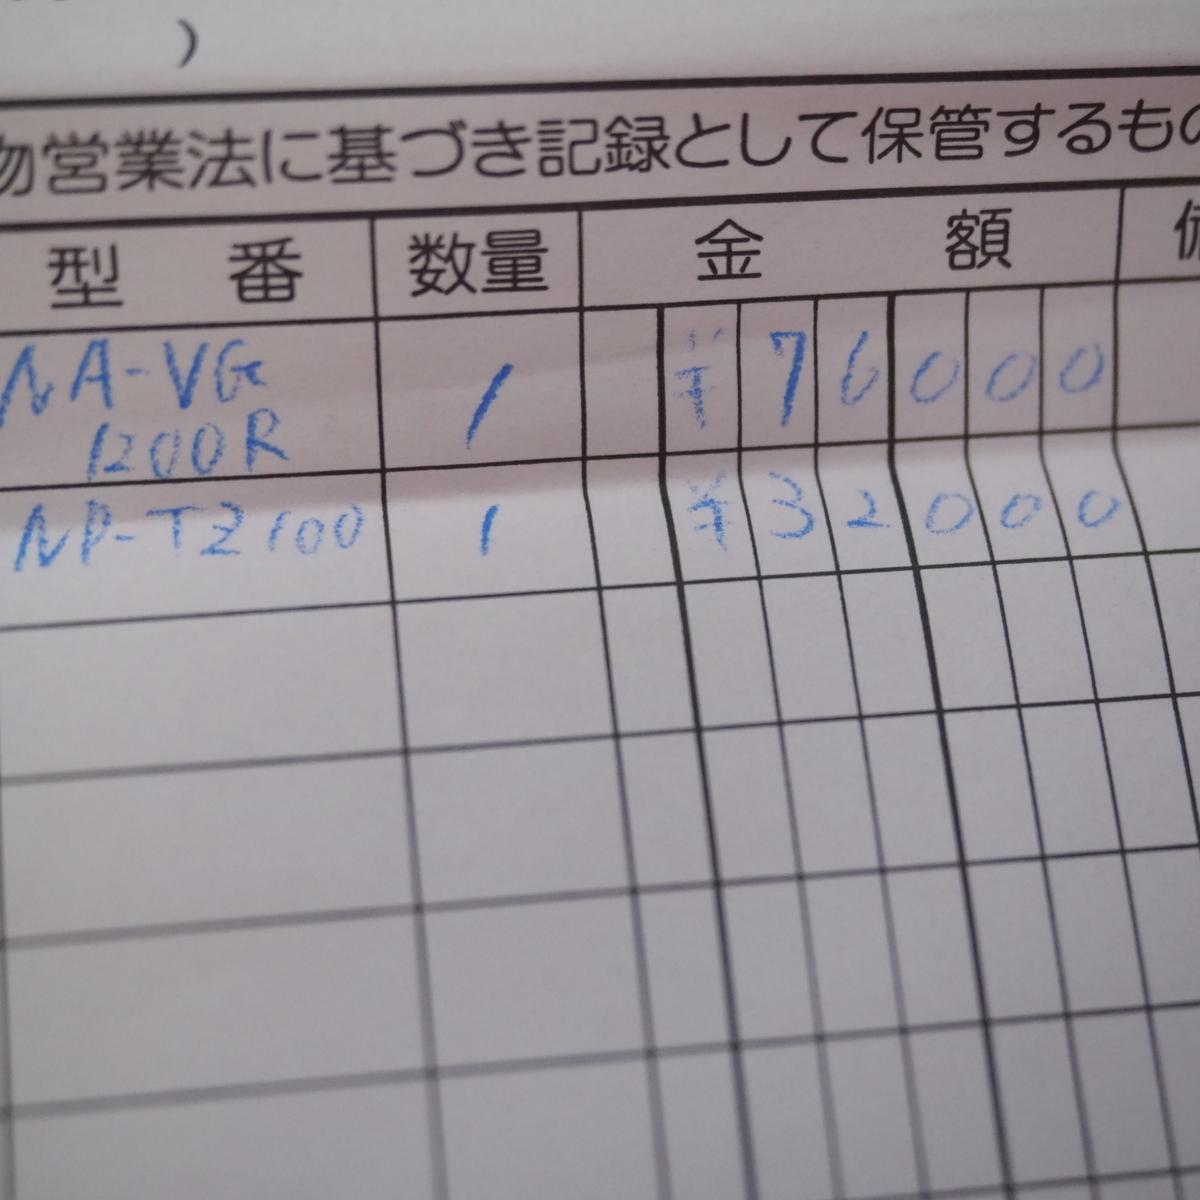 f:id:shokubutsuzoku:20200226154707j:plain